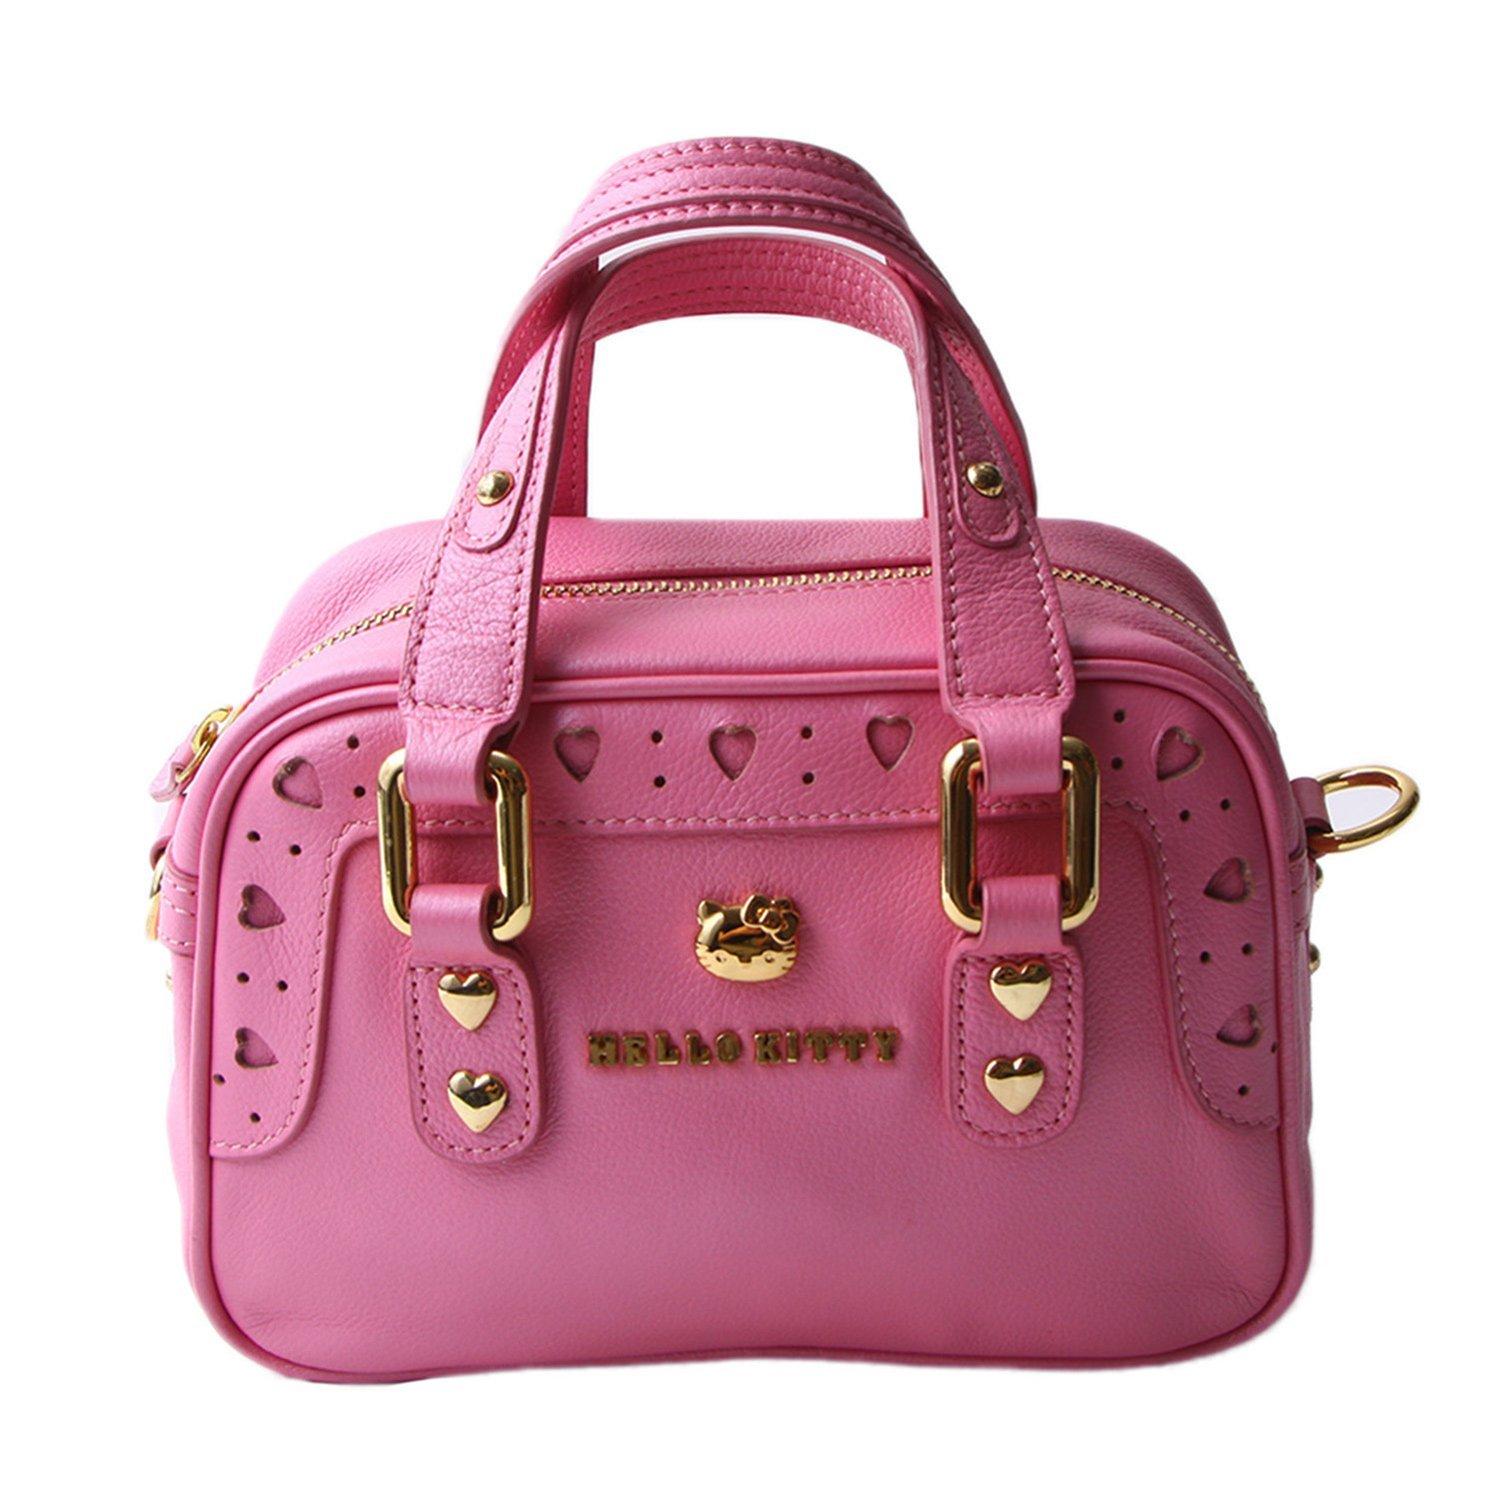 粉红色手提包 sanrio(三丽鸥) hello kitty  女式 手提包  粉红色(包邮)_推荐淘宝好看的粉红色手提包